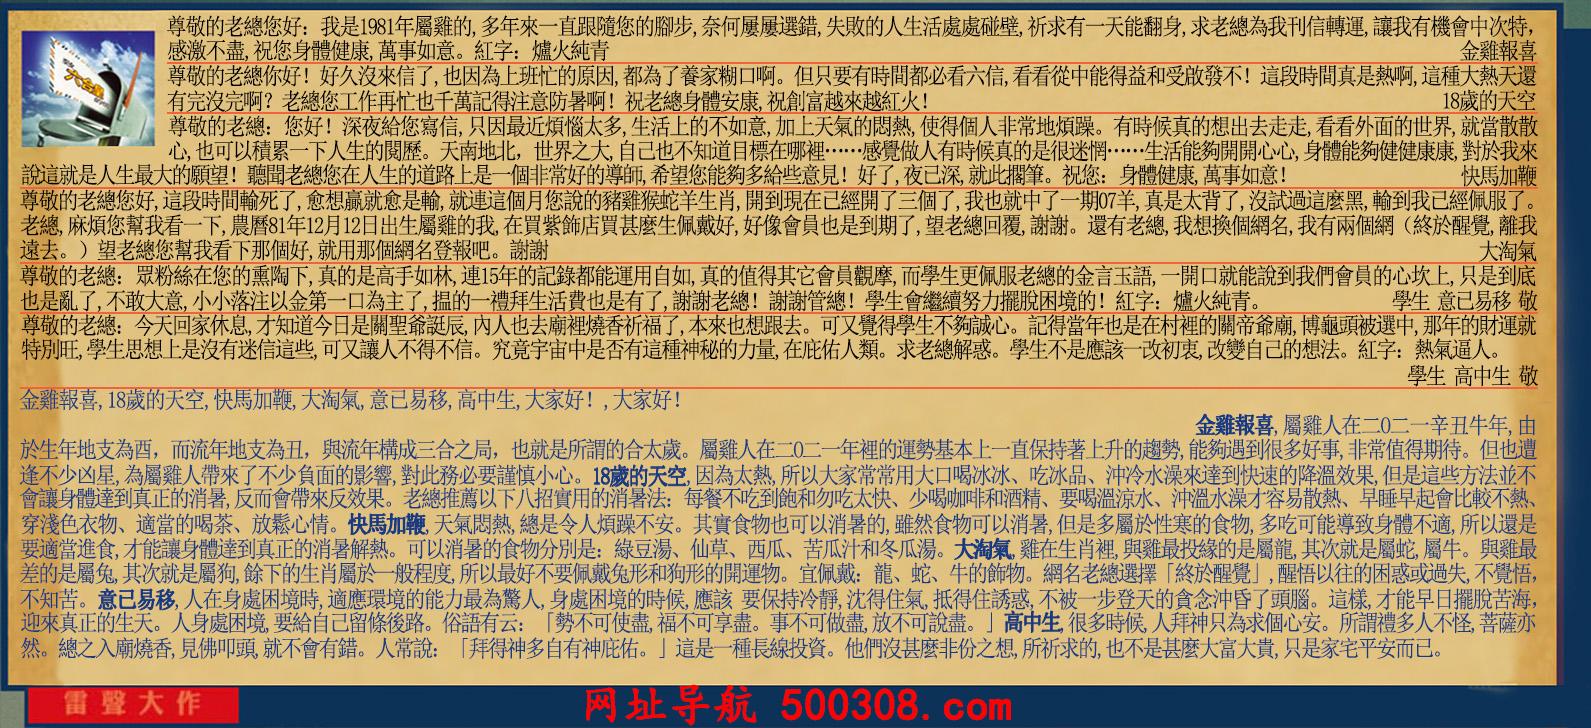 052期:彩民推荐六合皇信箱(�t字:雷�大作)_052期开奖结果:44-10-47-16-39-24-T28狗/绿/火